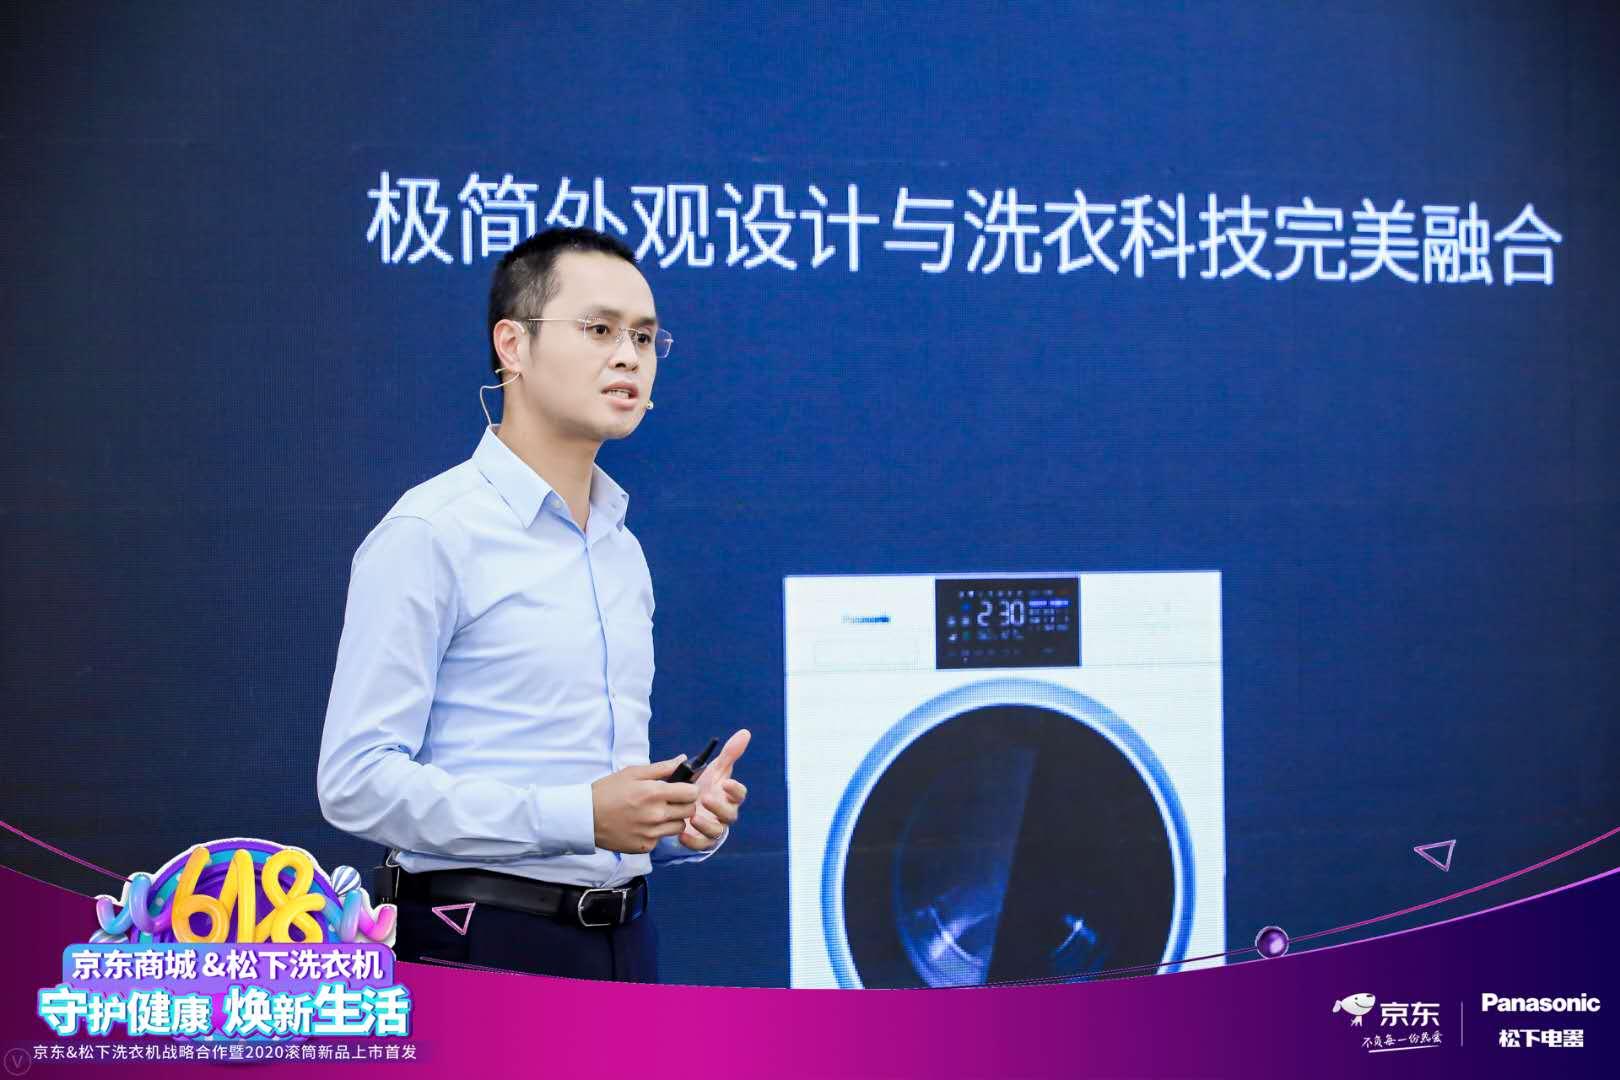 守护健康 焕新生活 松下洗衣机携手京东发布2020滚筒新品